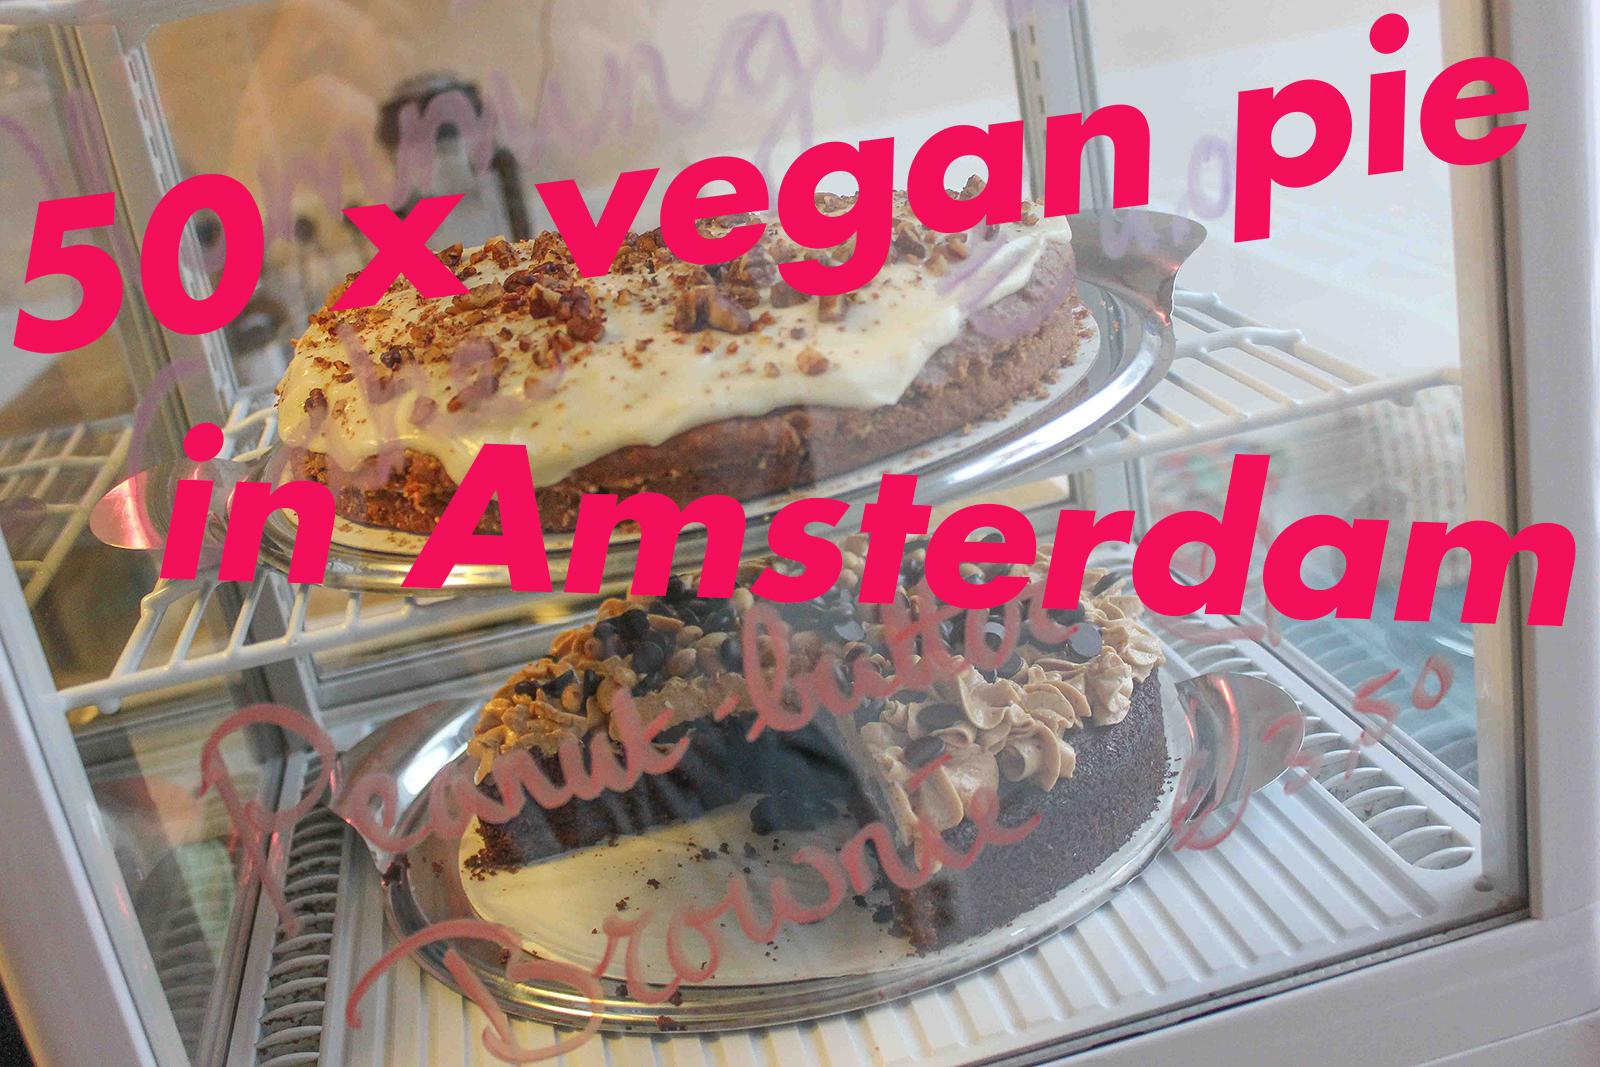 Vegan Pie Everywhere